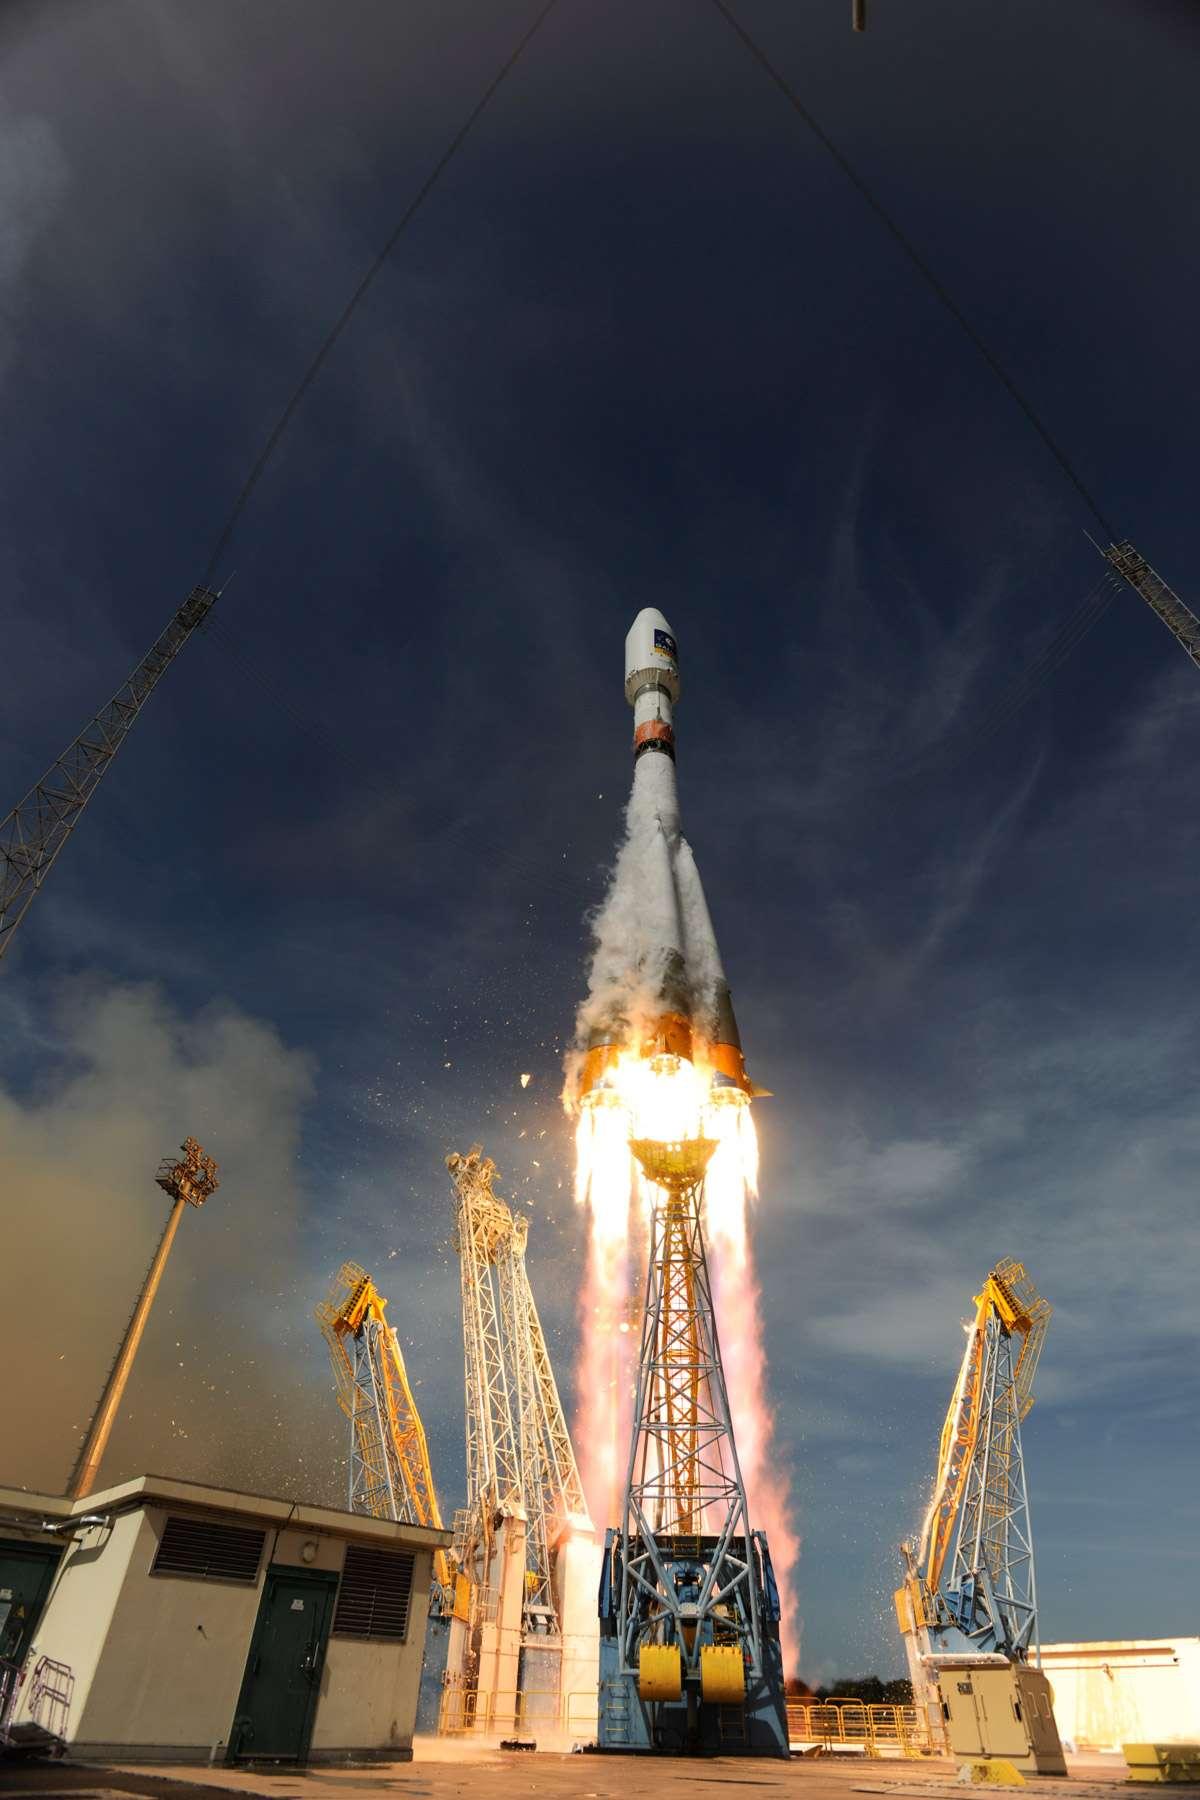 Décollage depuis l'Ensemble de lancement Soyouz du Centre spatial guyanais des deux derniers satellites Galileo IOV lancés par un Soyouz. © Esa/S. Corvaja, 2012